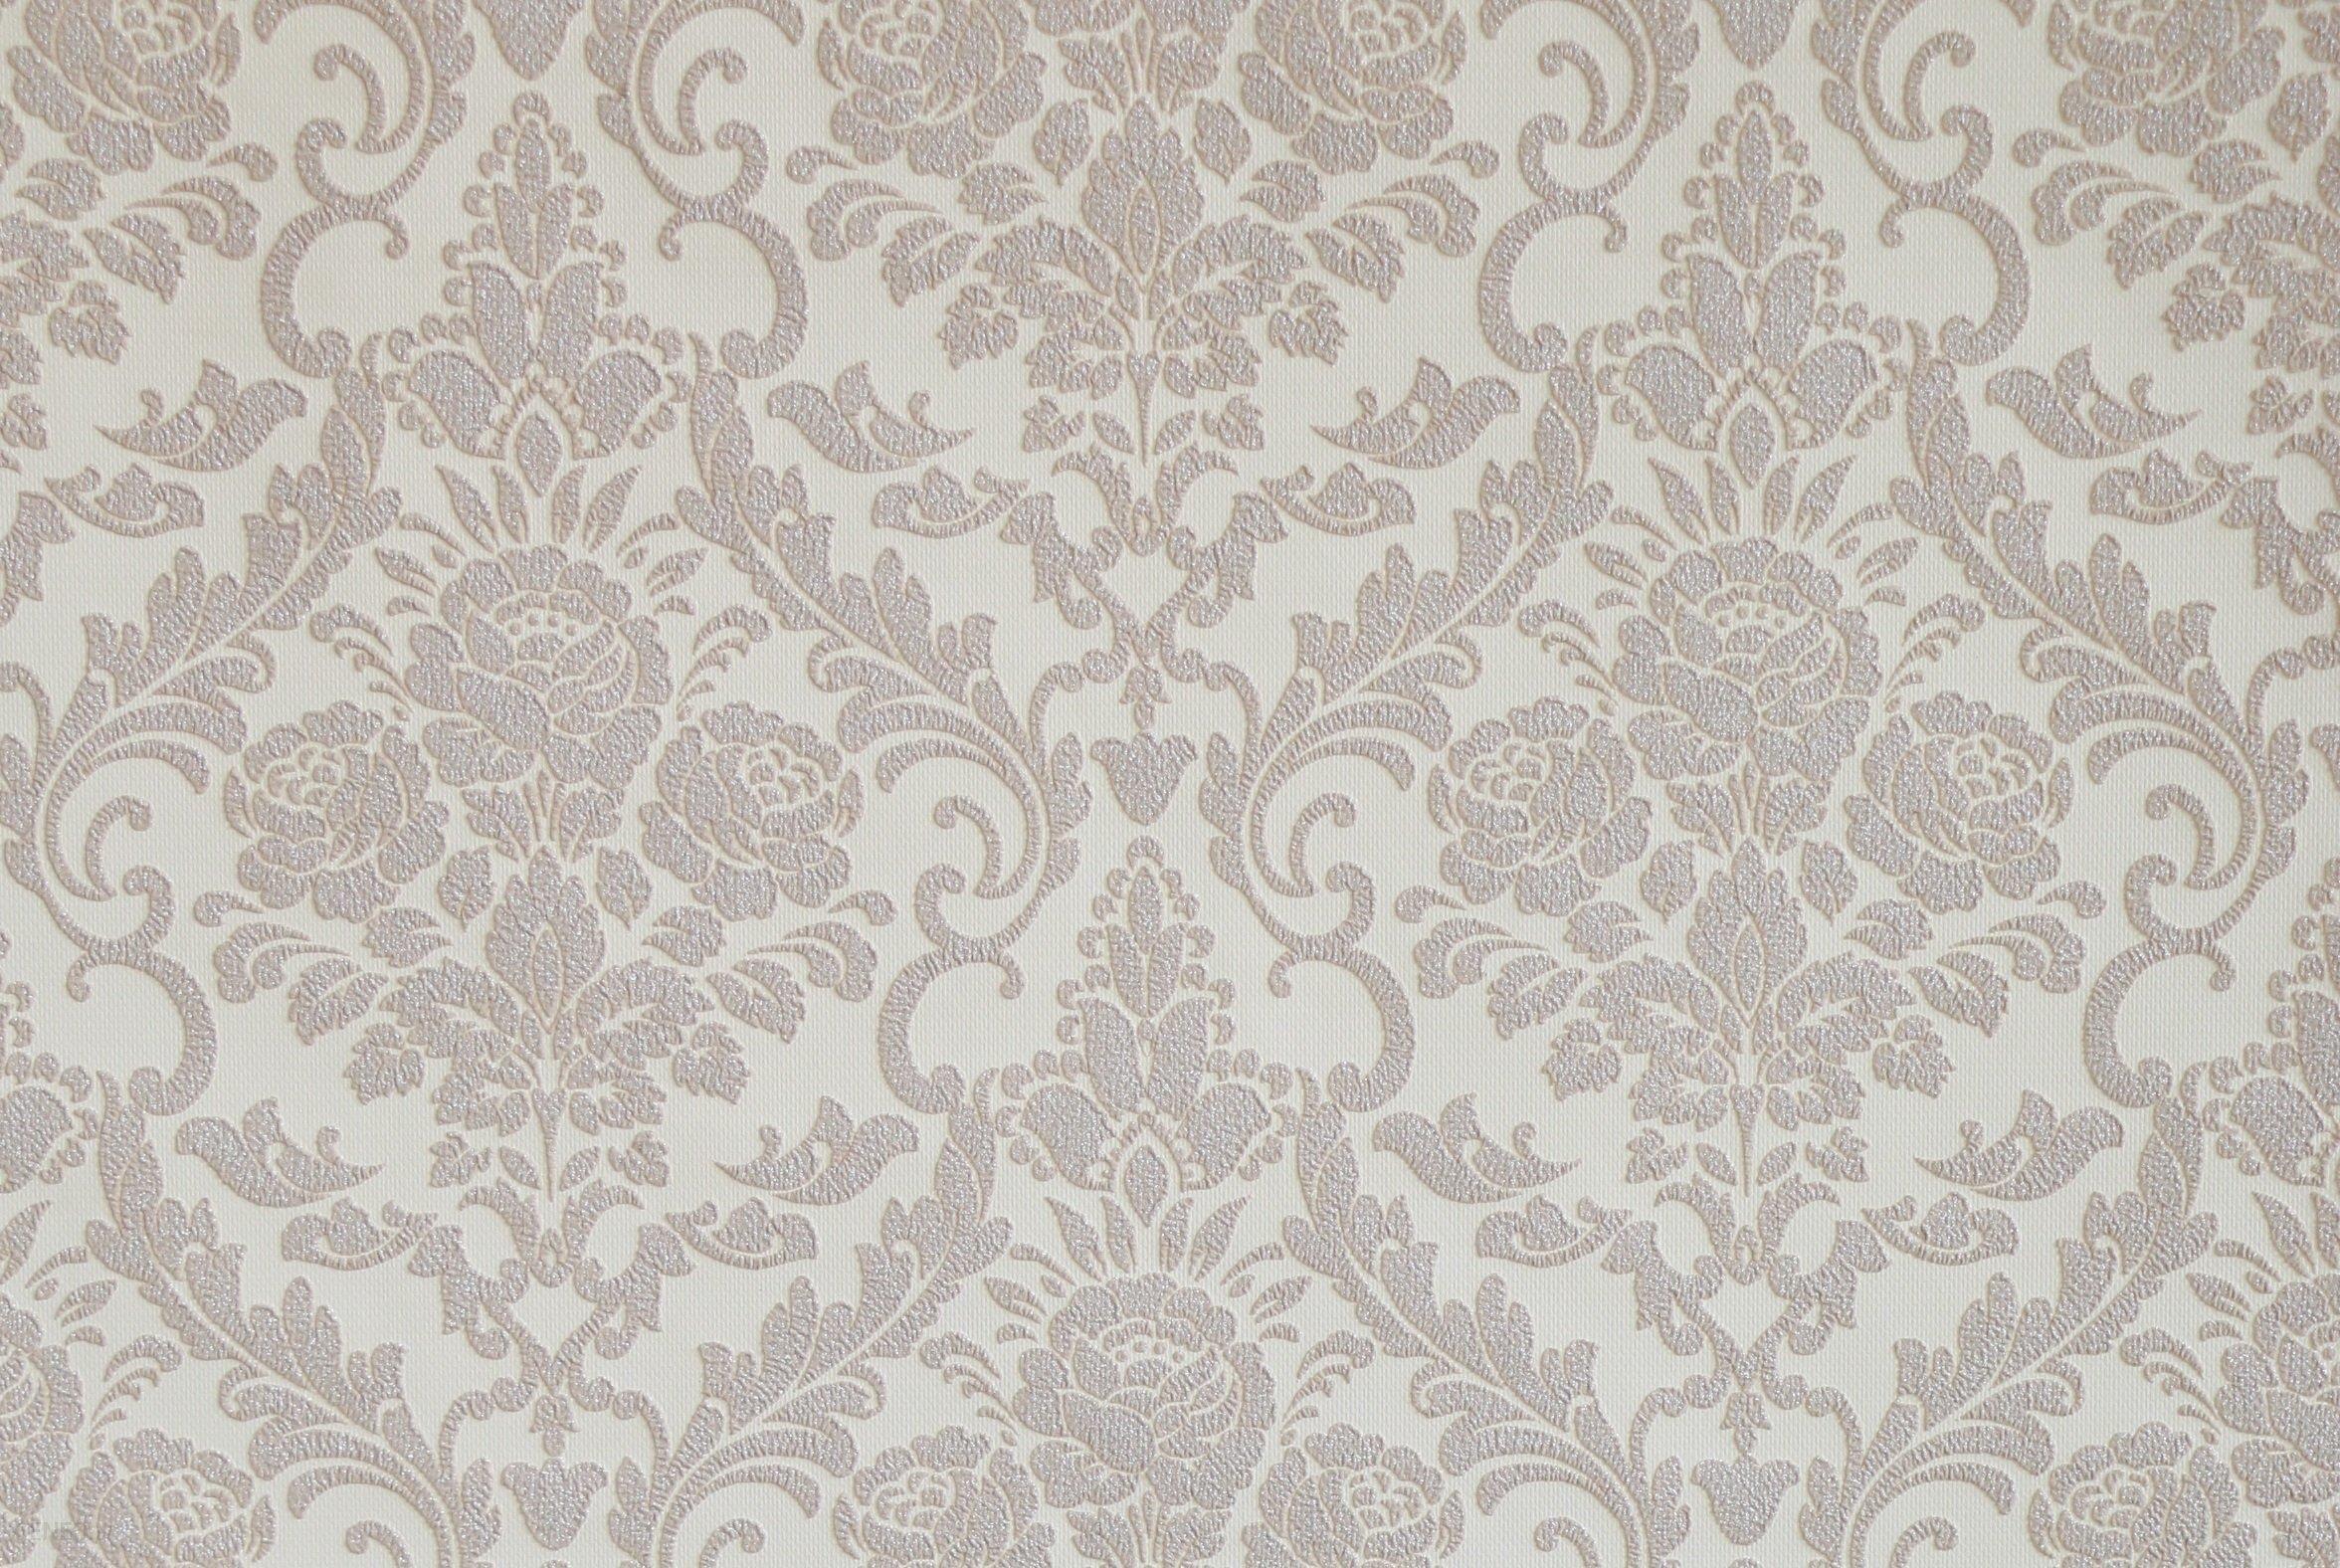 Tapety Ścienne Glamour Tapeta Ornament 13396-20 - zdjęcie 1